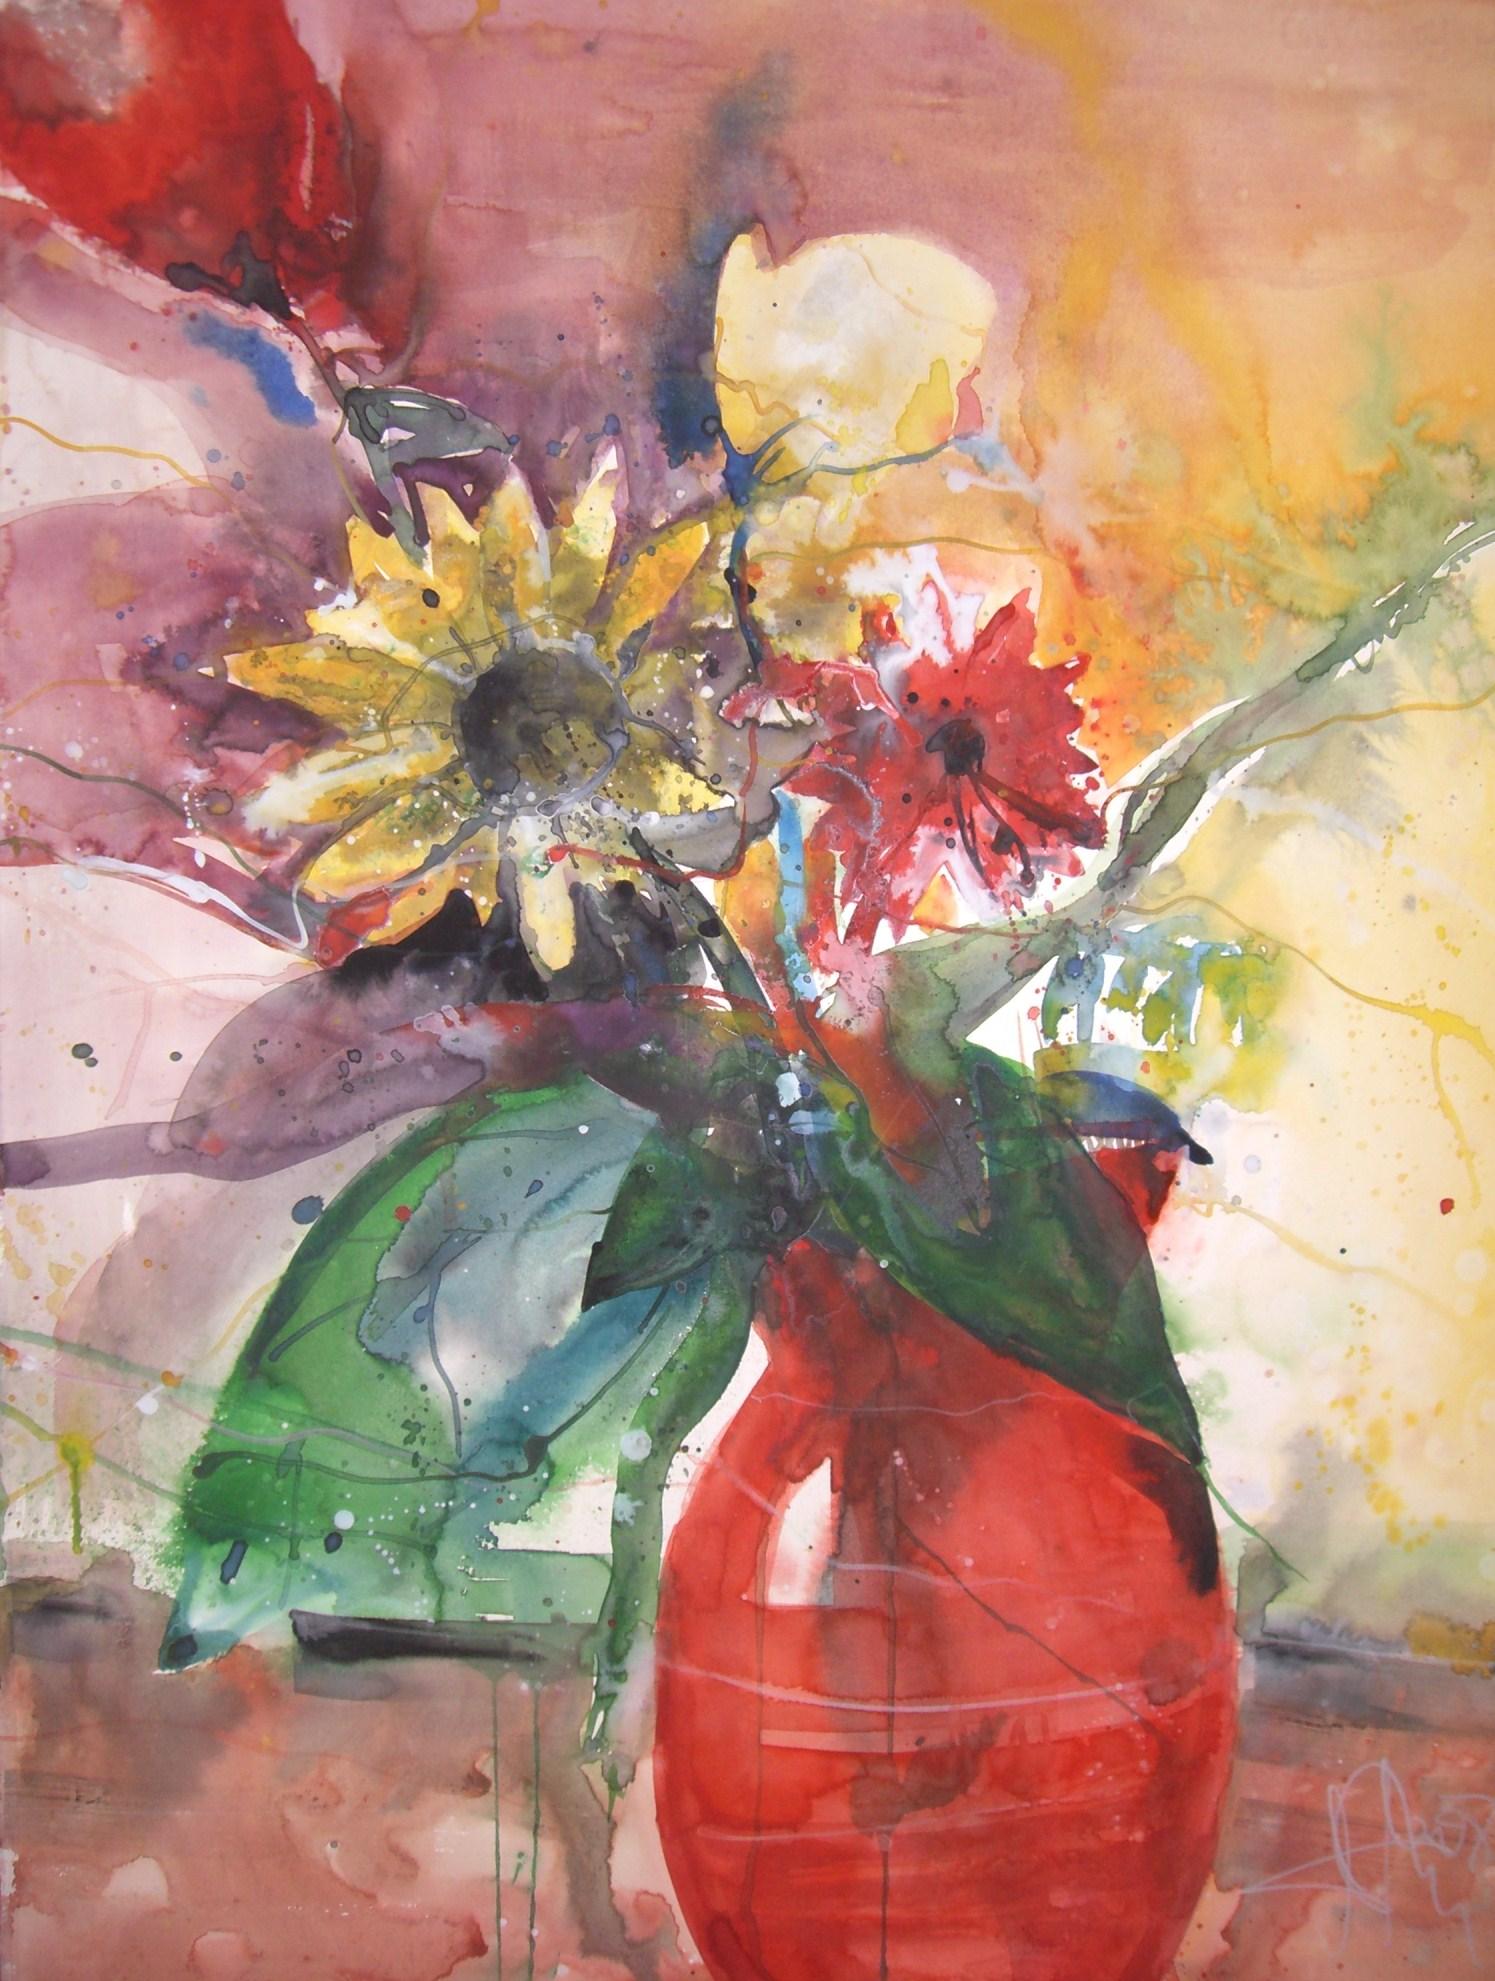 Blumen in roter Vase  Aquarell von Andreas Mattern